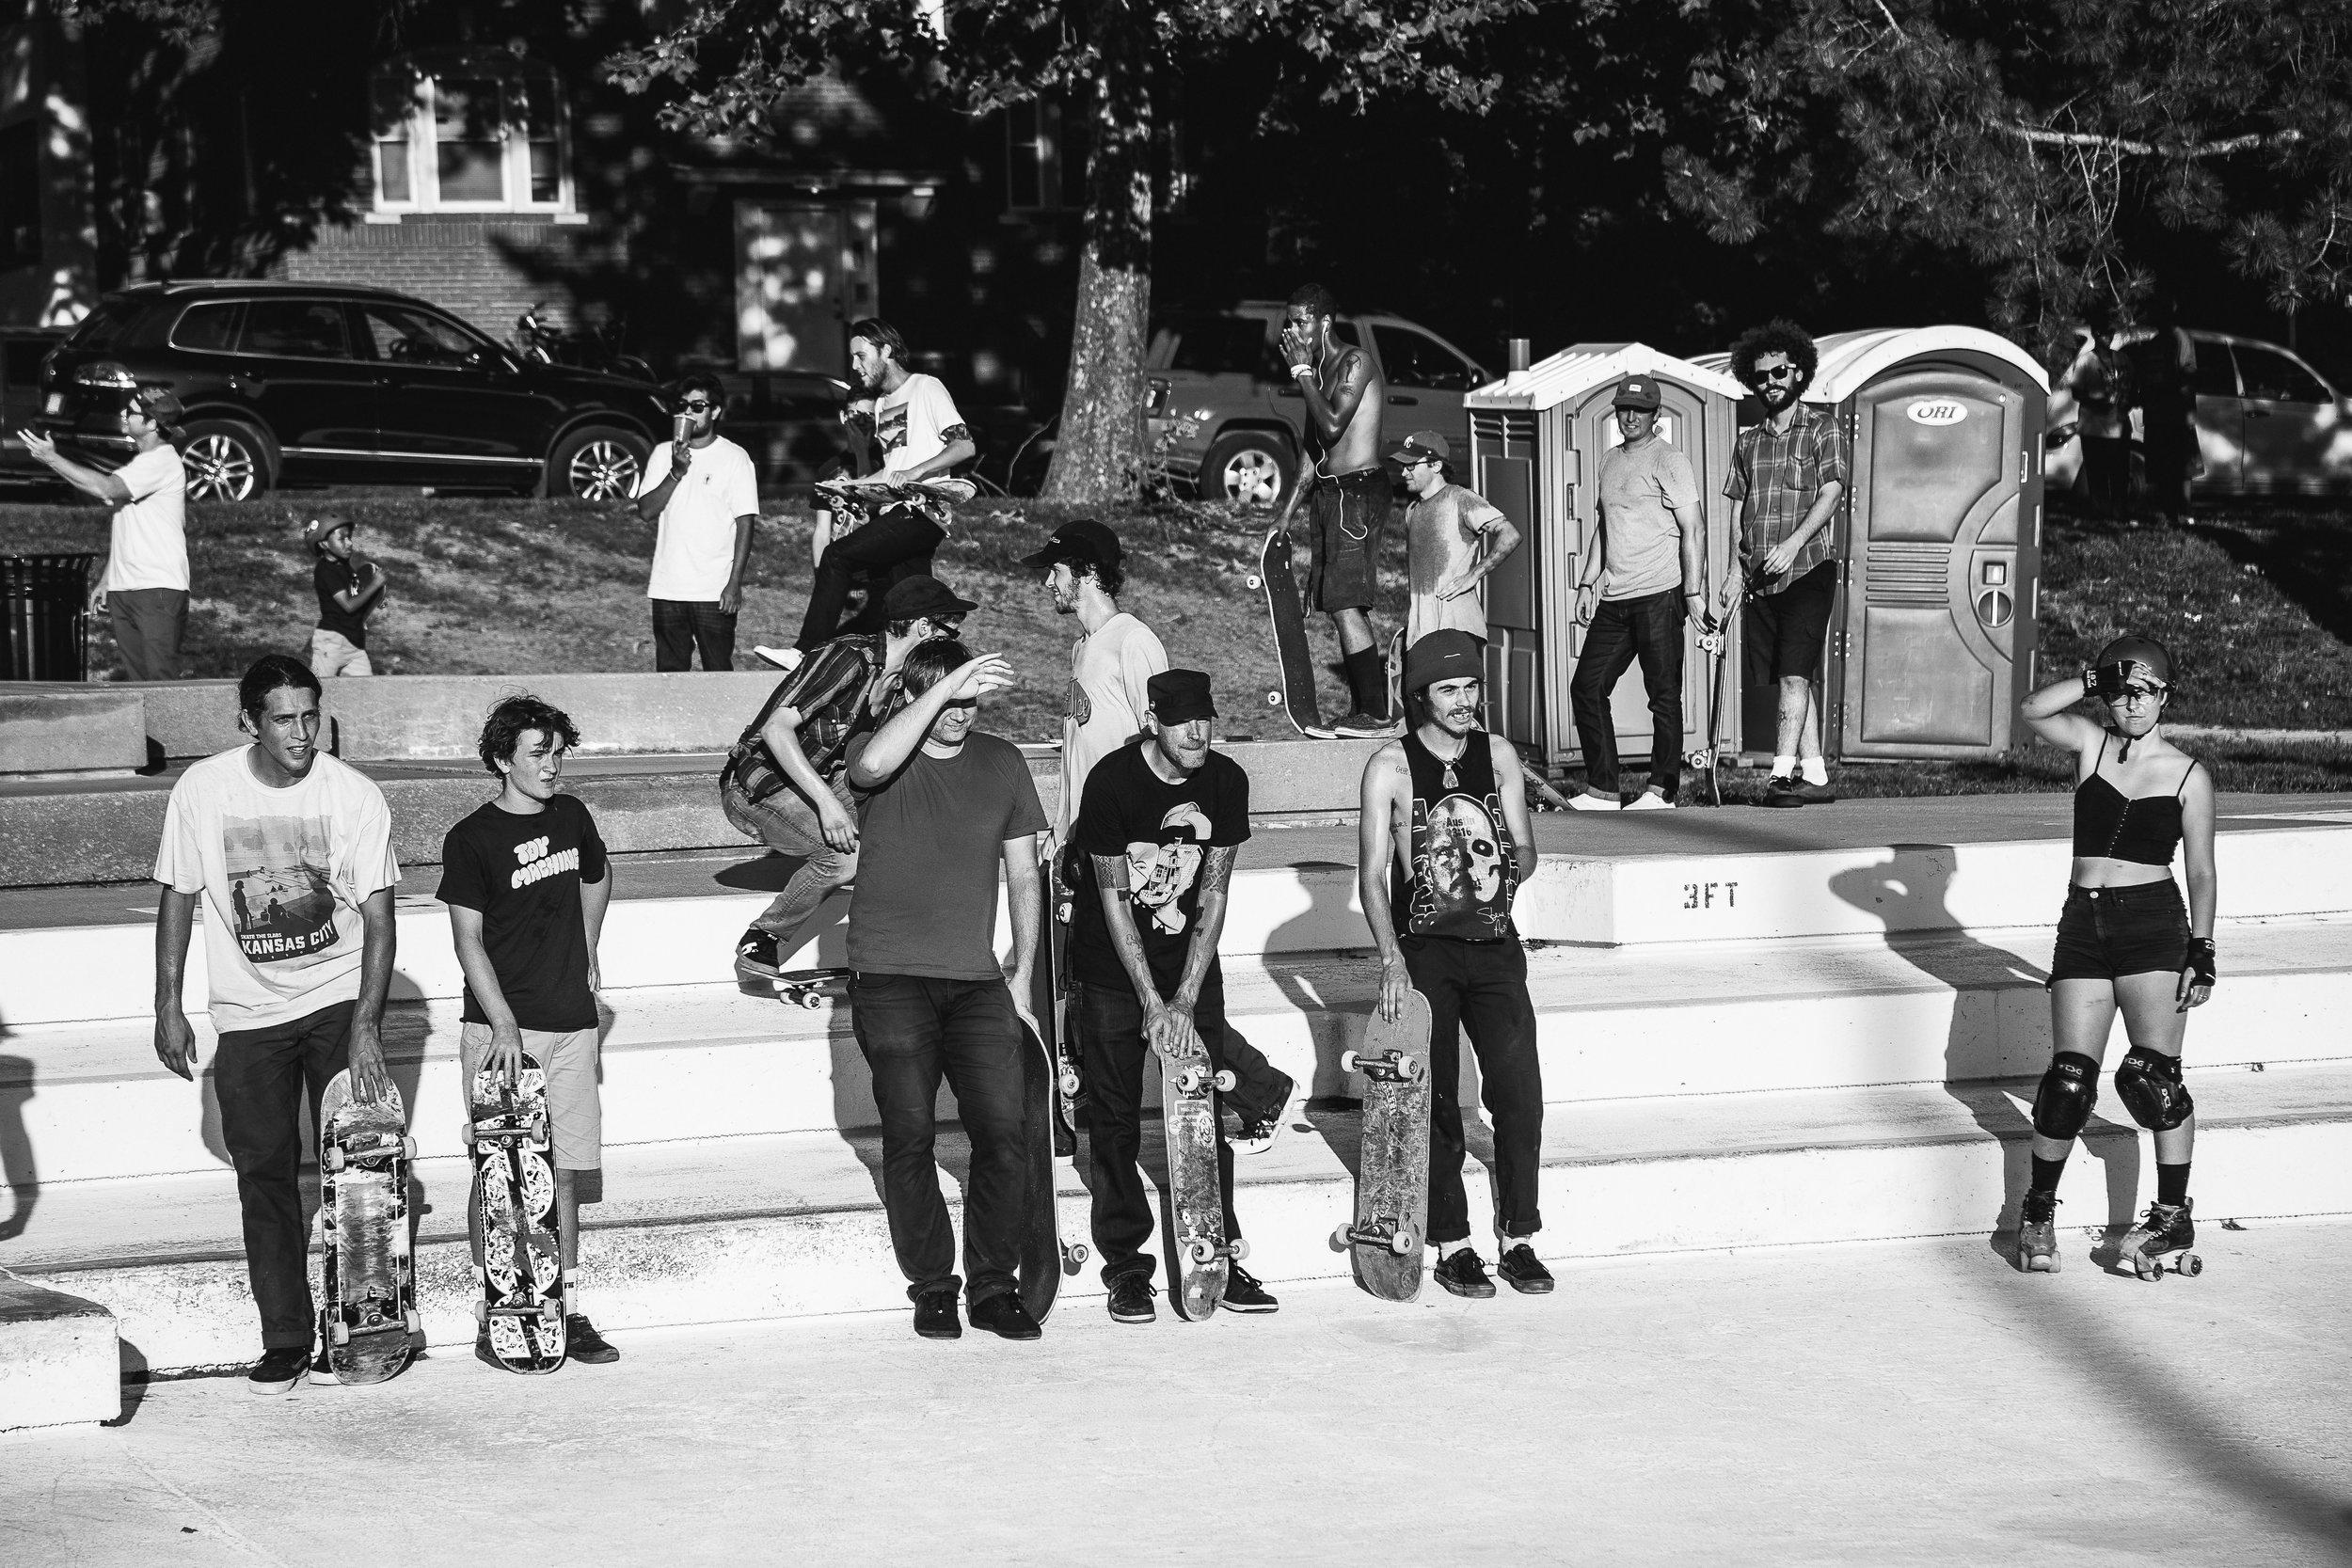 Go Skateboarding Day - June '17 - 23.jpg